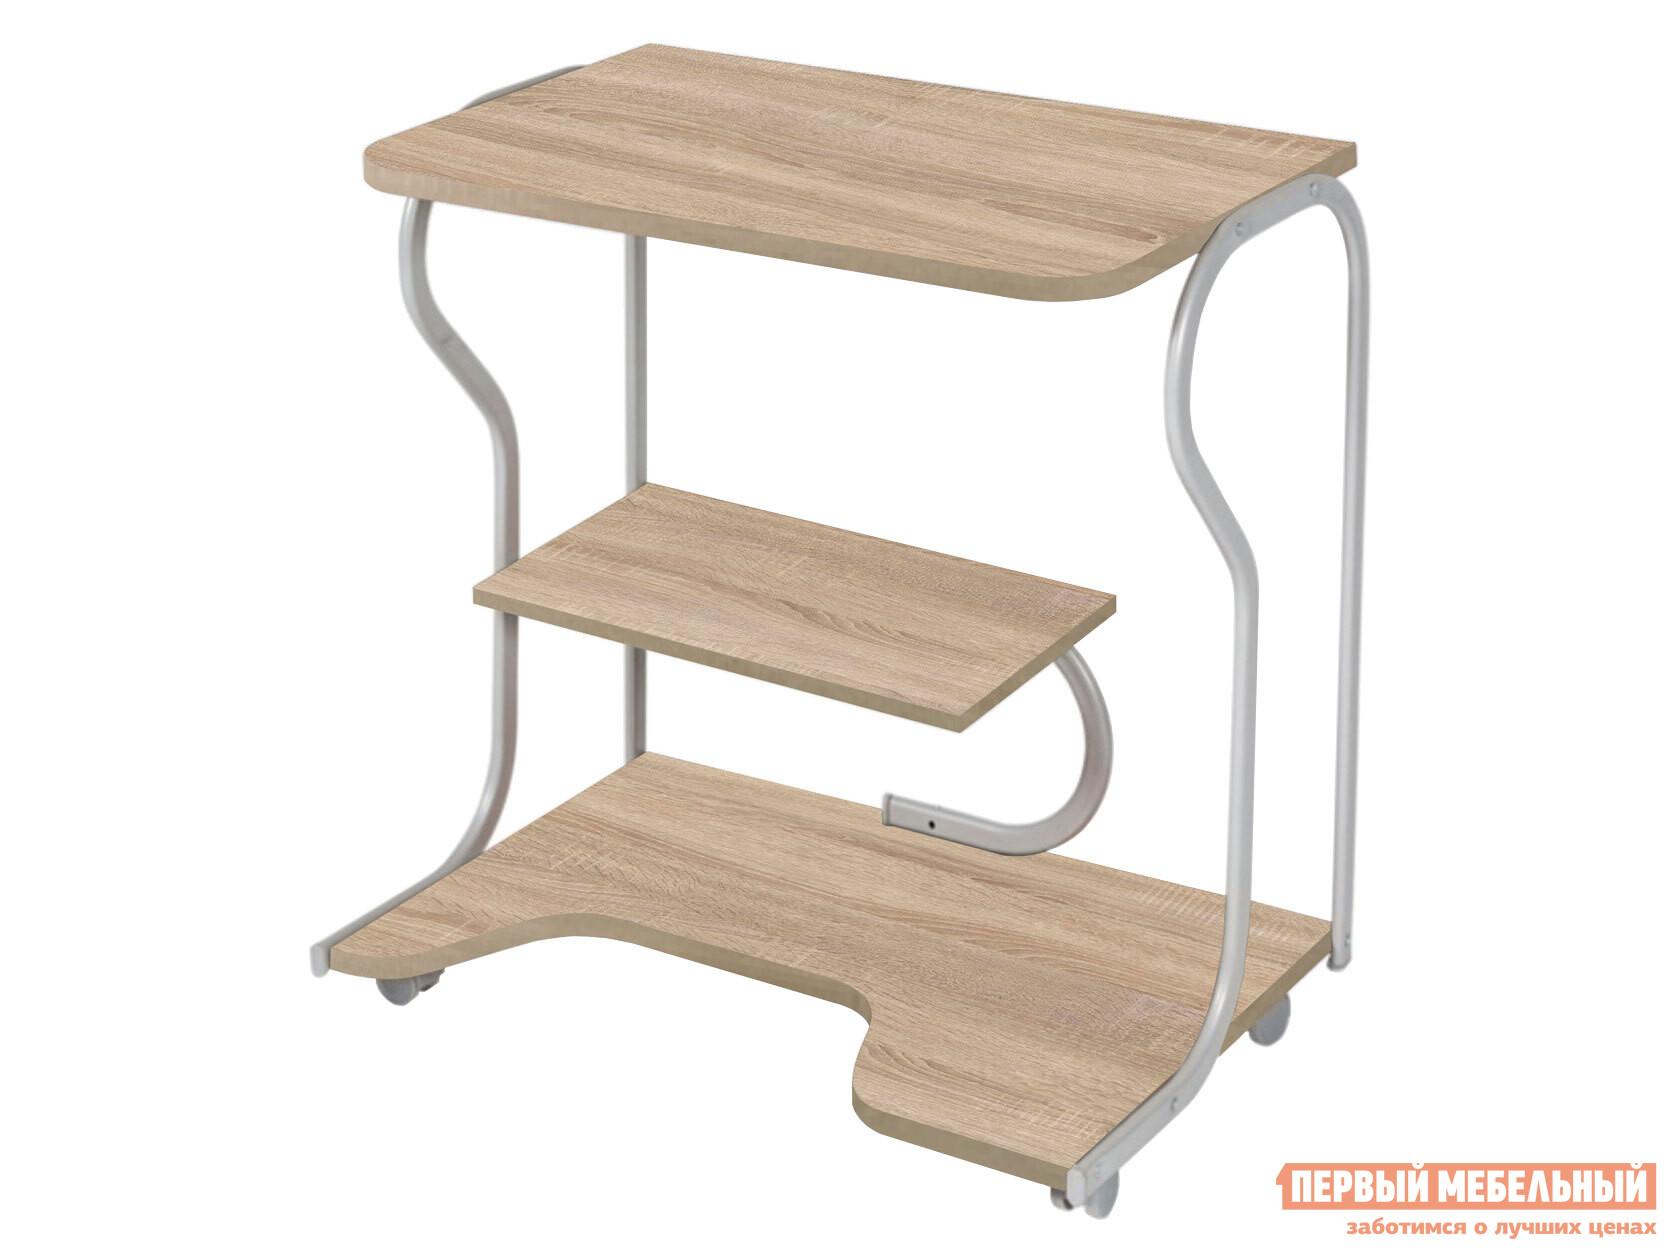 Столик для ноутбука  Практик-4 Дуб Сонома / Серебристый, металл *Вентал 123845